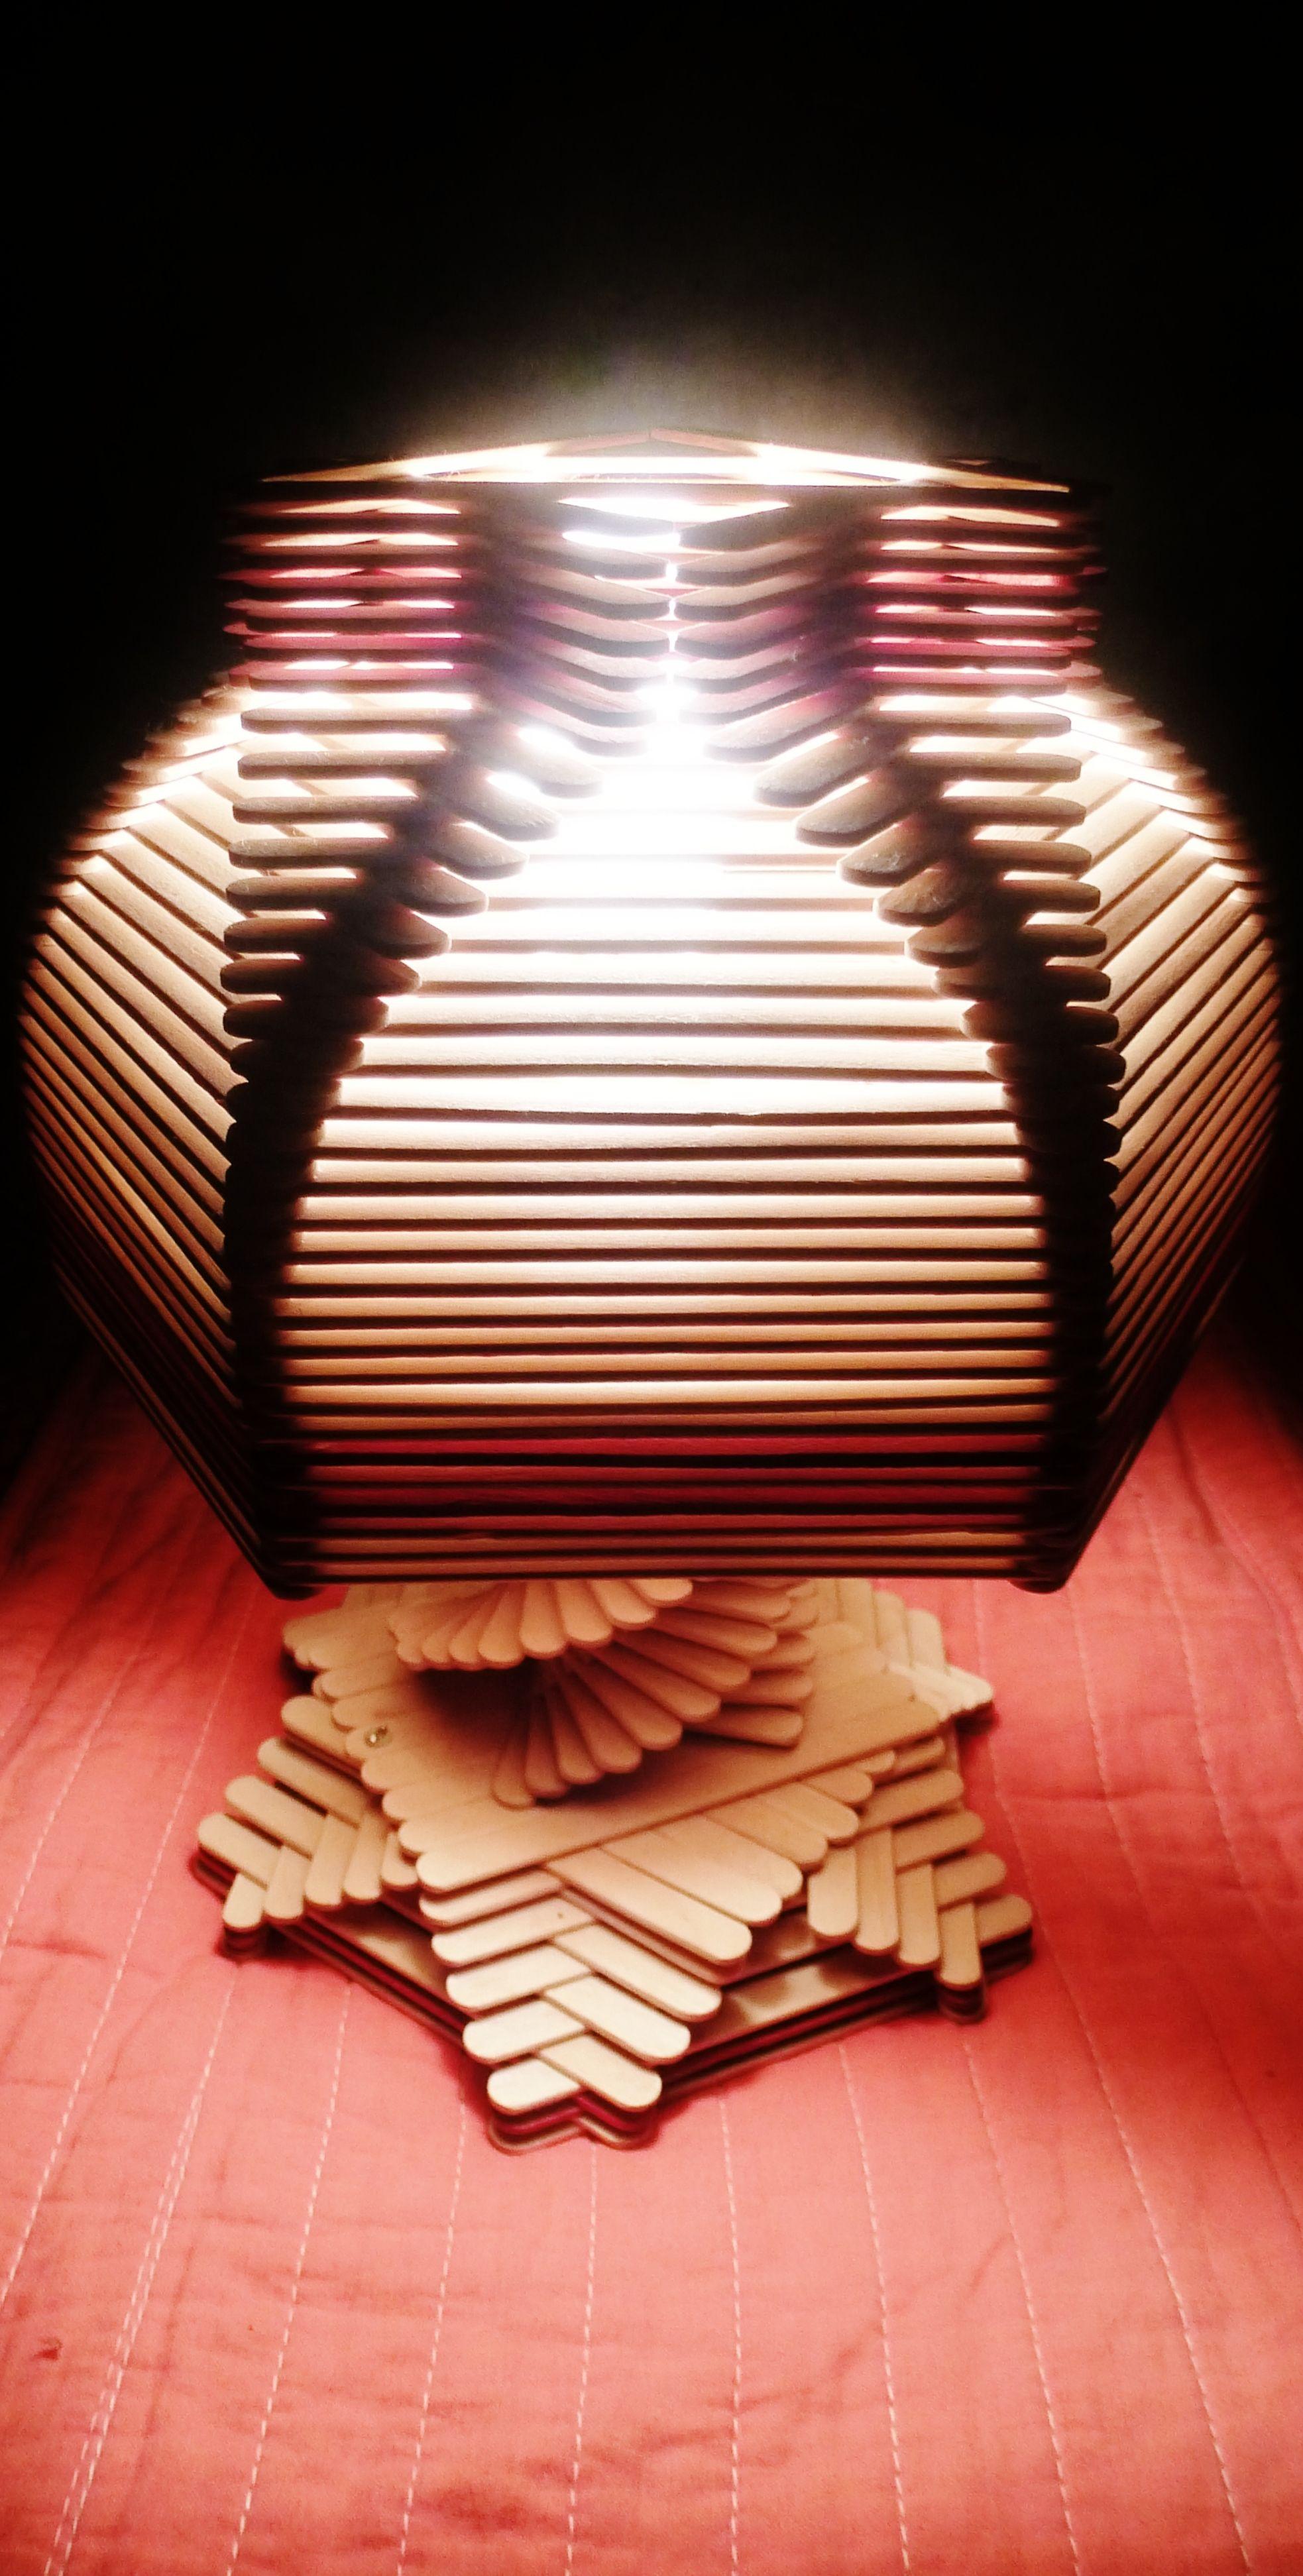 Lampara Hecha Con Palitos De Helados Sculptures Matchsticks